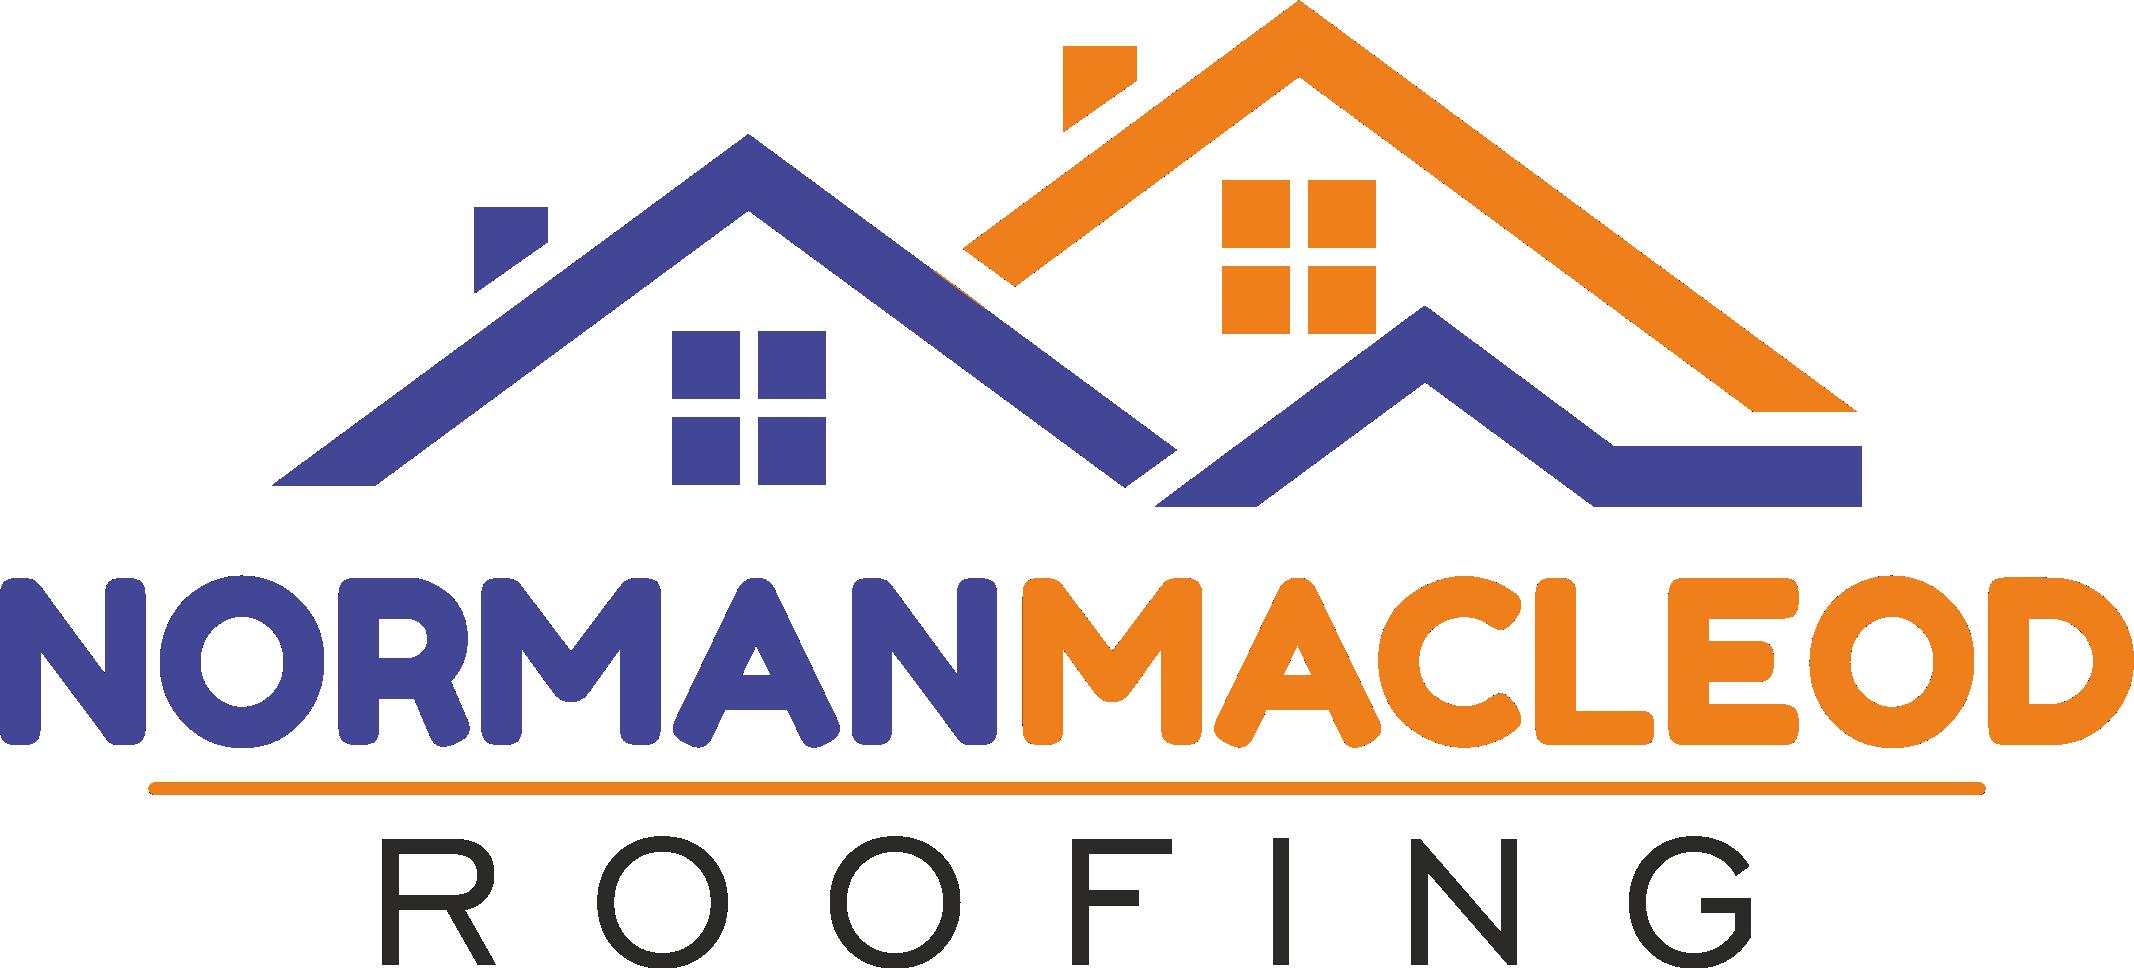 Norman Macleod Roofing